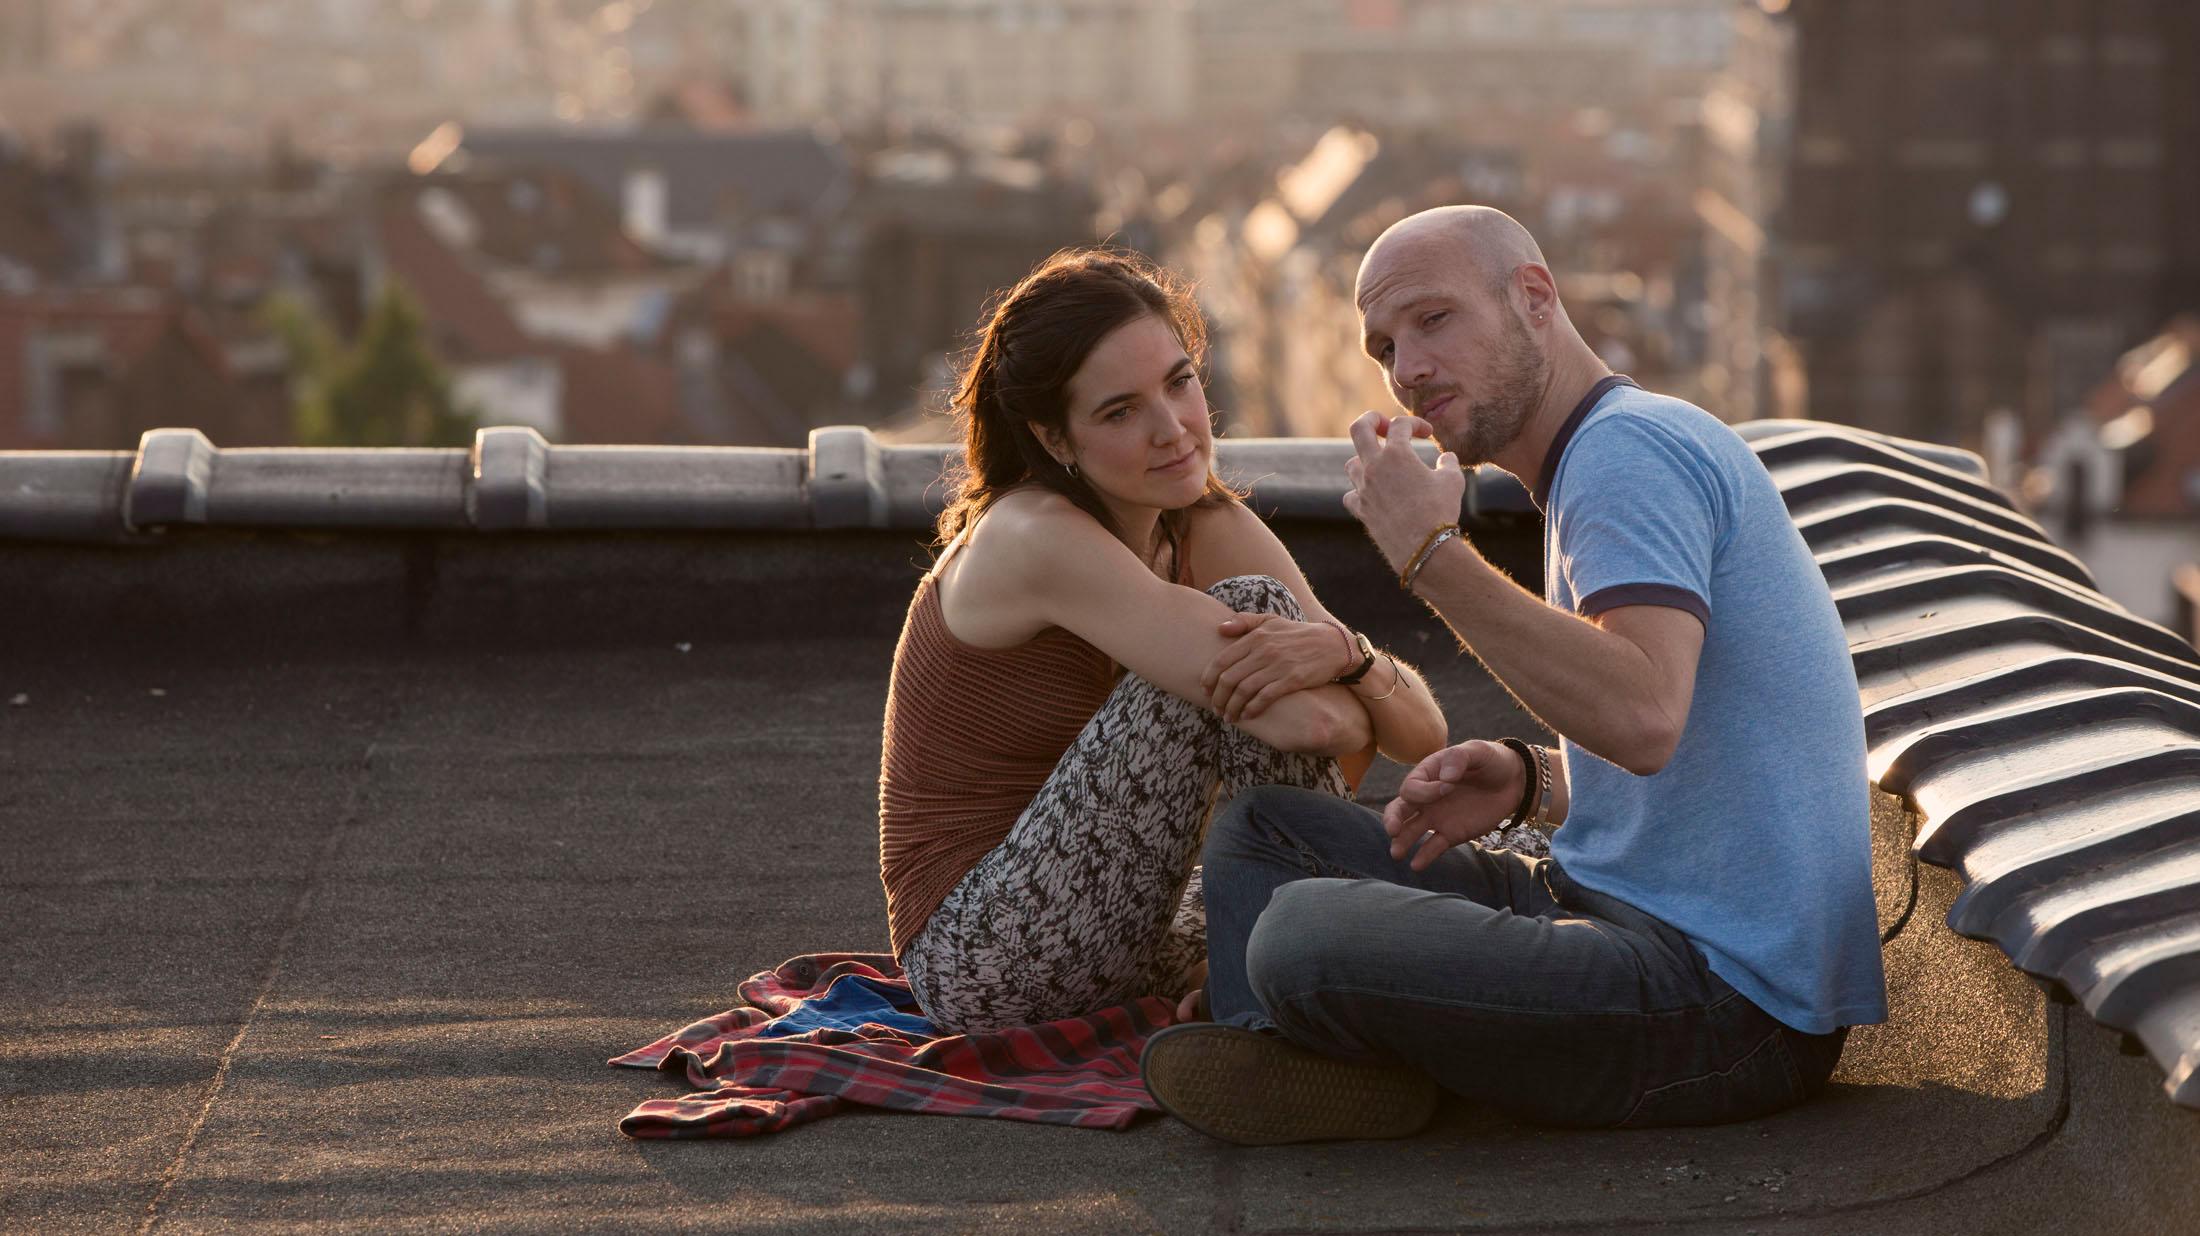 Jeroen Perceval & Wine Dierickx in PLAN BART directed by Roel Mondelaers - DoP Philip van Volsem. Courtesy Caviar Films